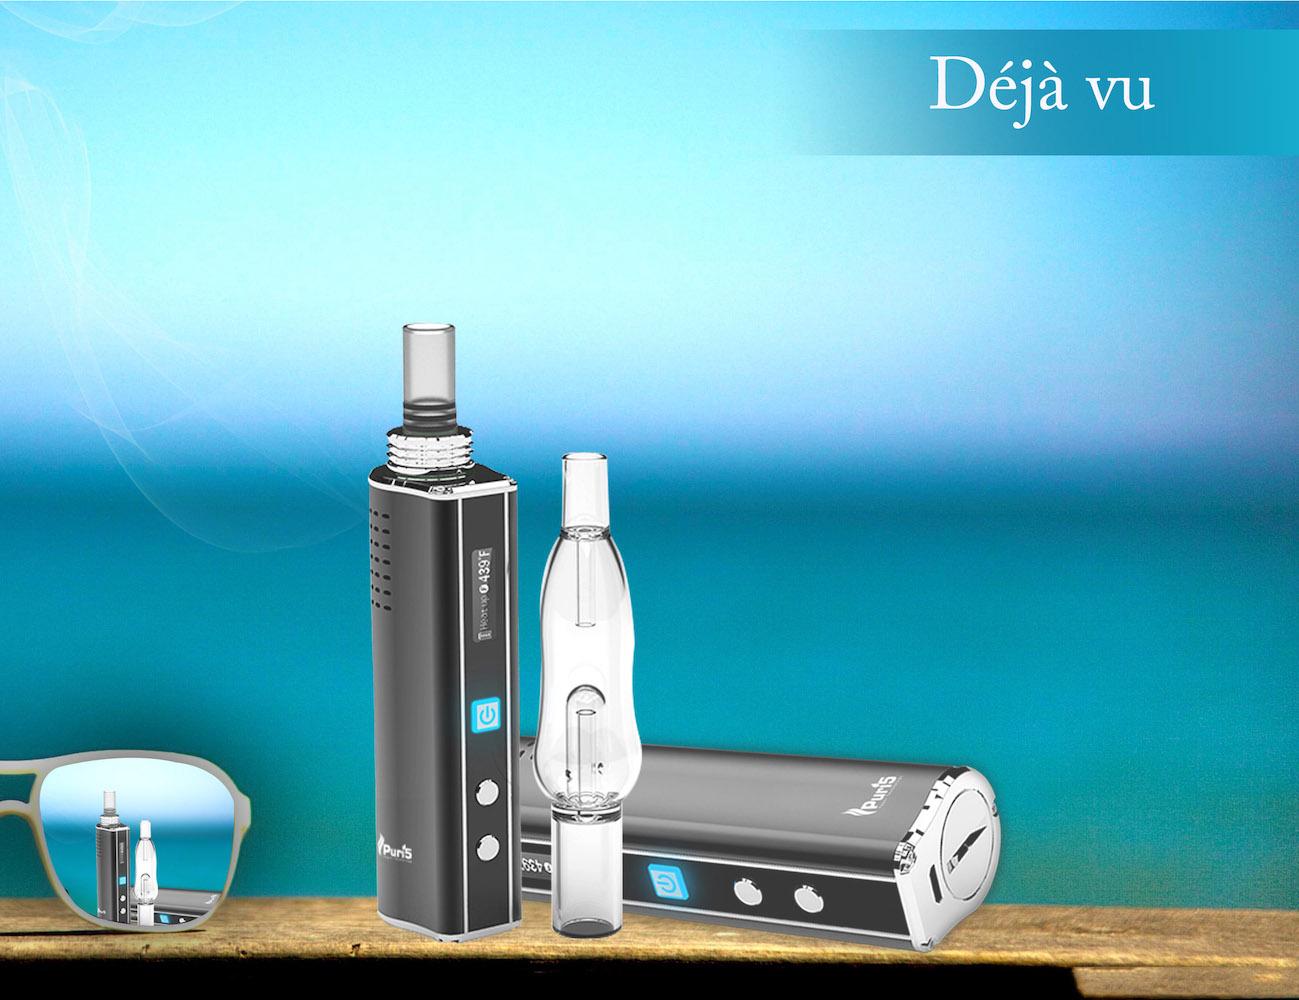 Deja Vu Water Filtration Vaporizer